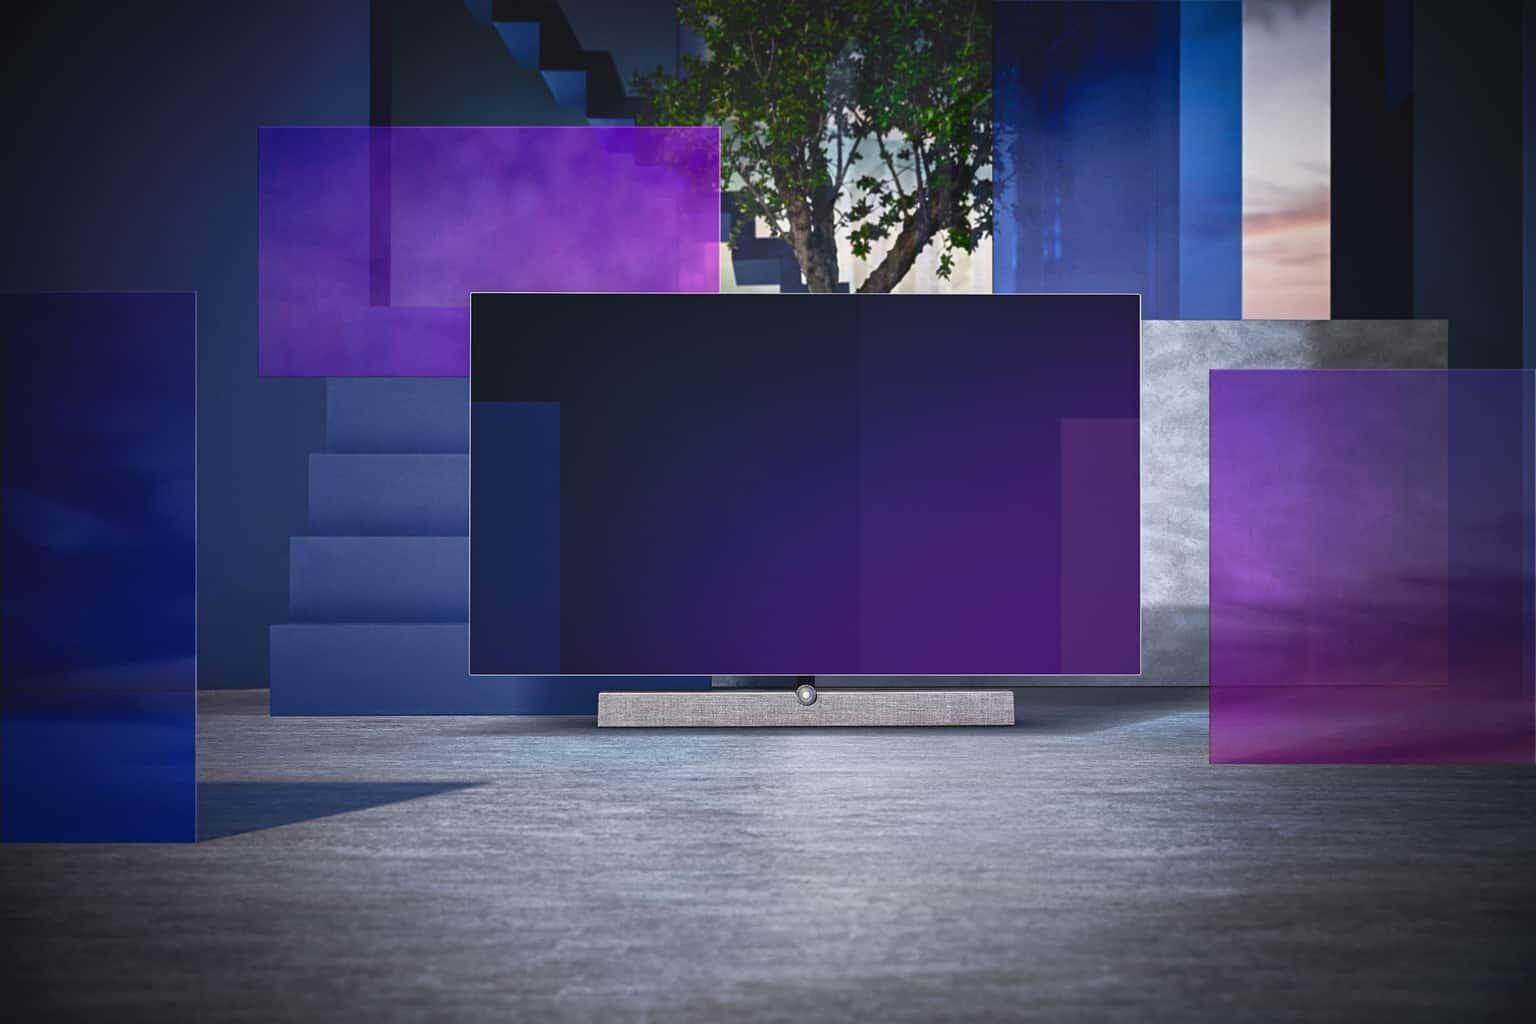 Neuheit Philips TV OLED+935 mit erweiterter KI-Funktionalitäten